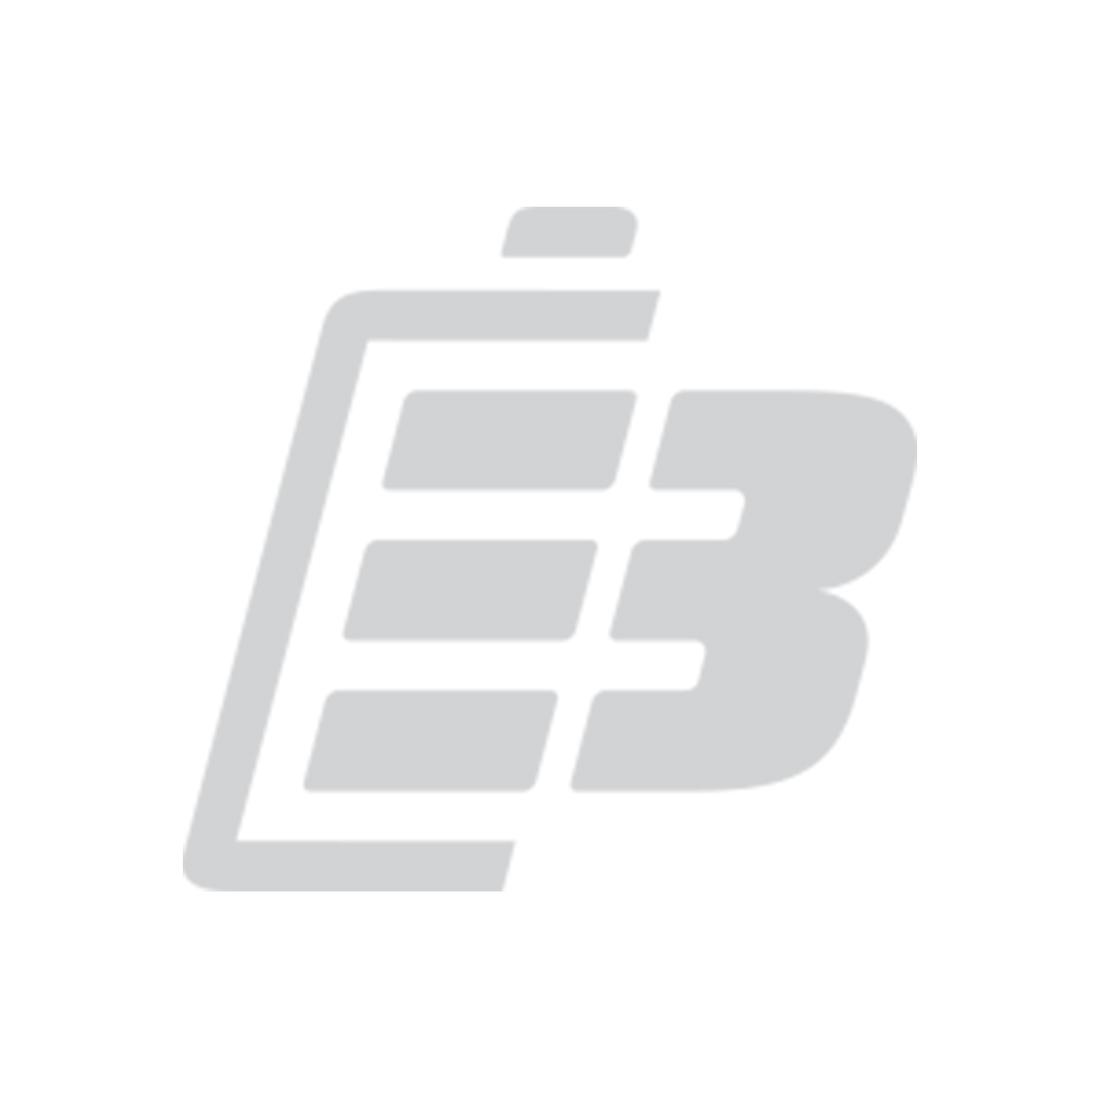 Μπαταρία κινητού τηλεφώνου Motorola RAZR2 V9_1